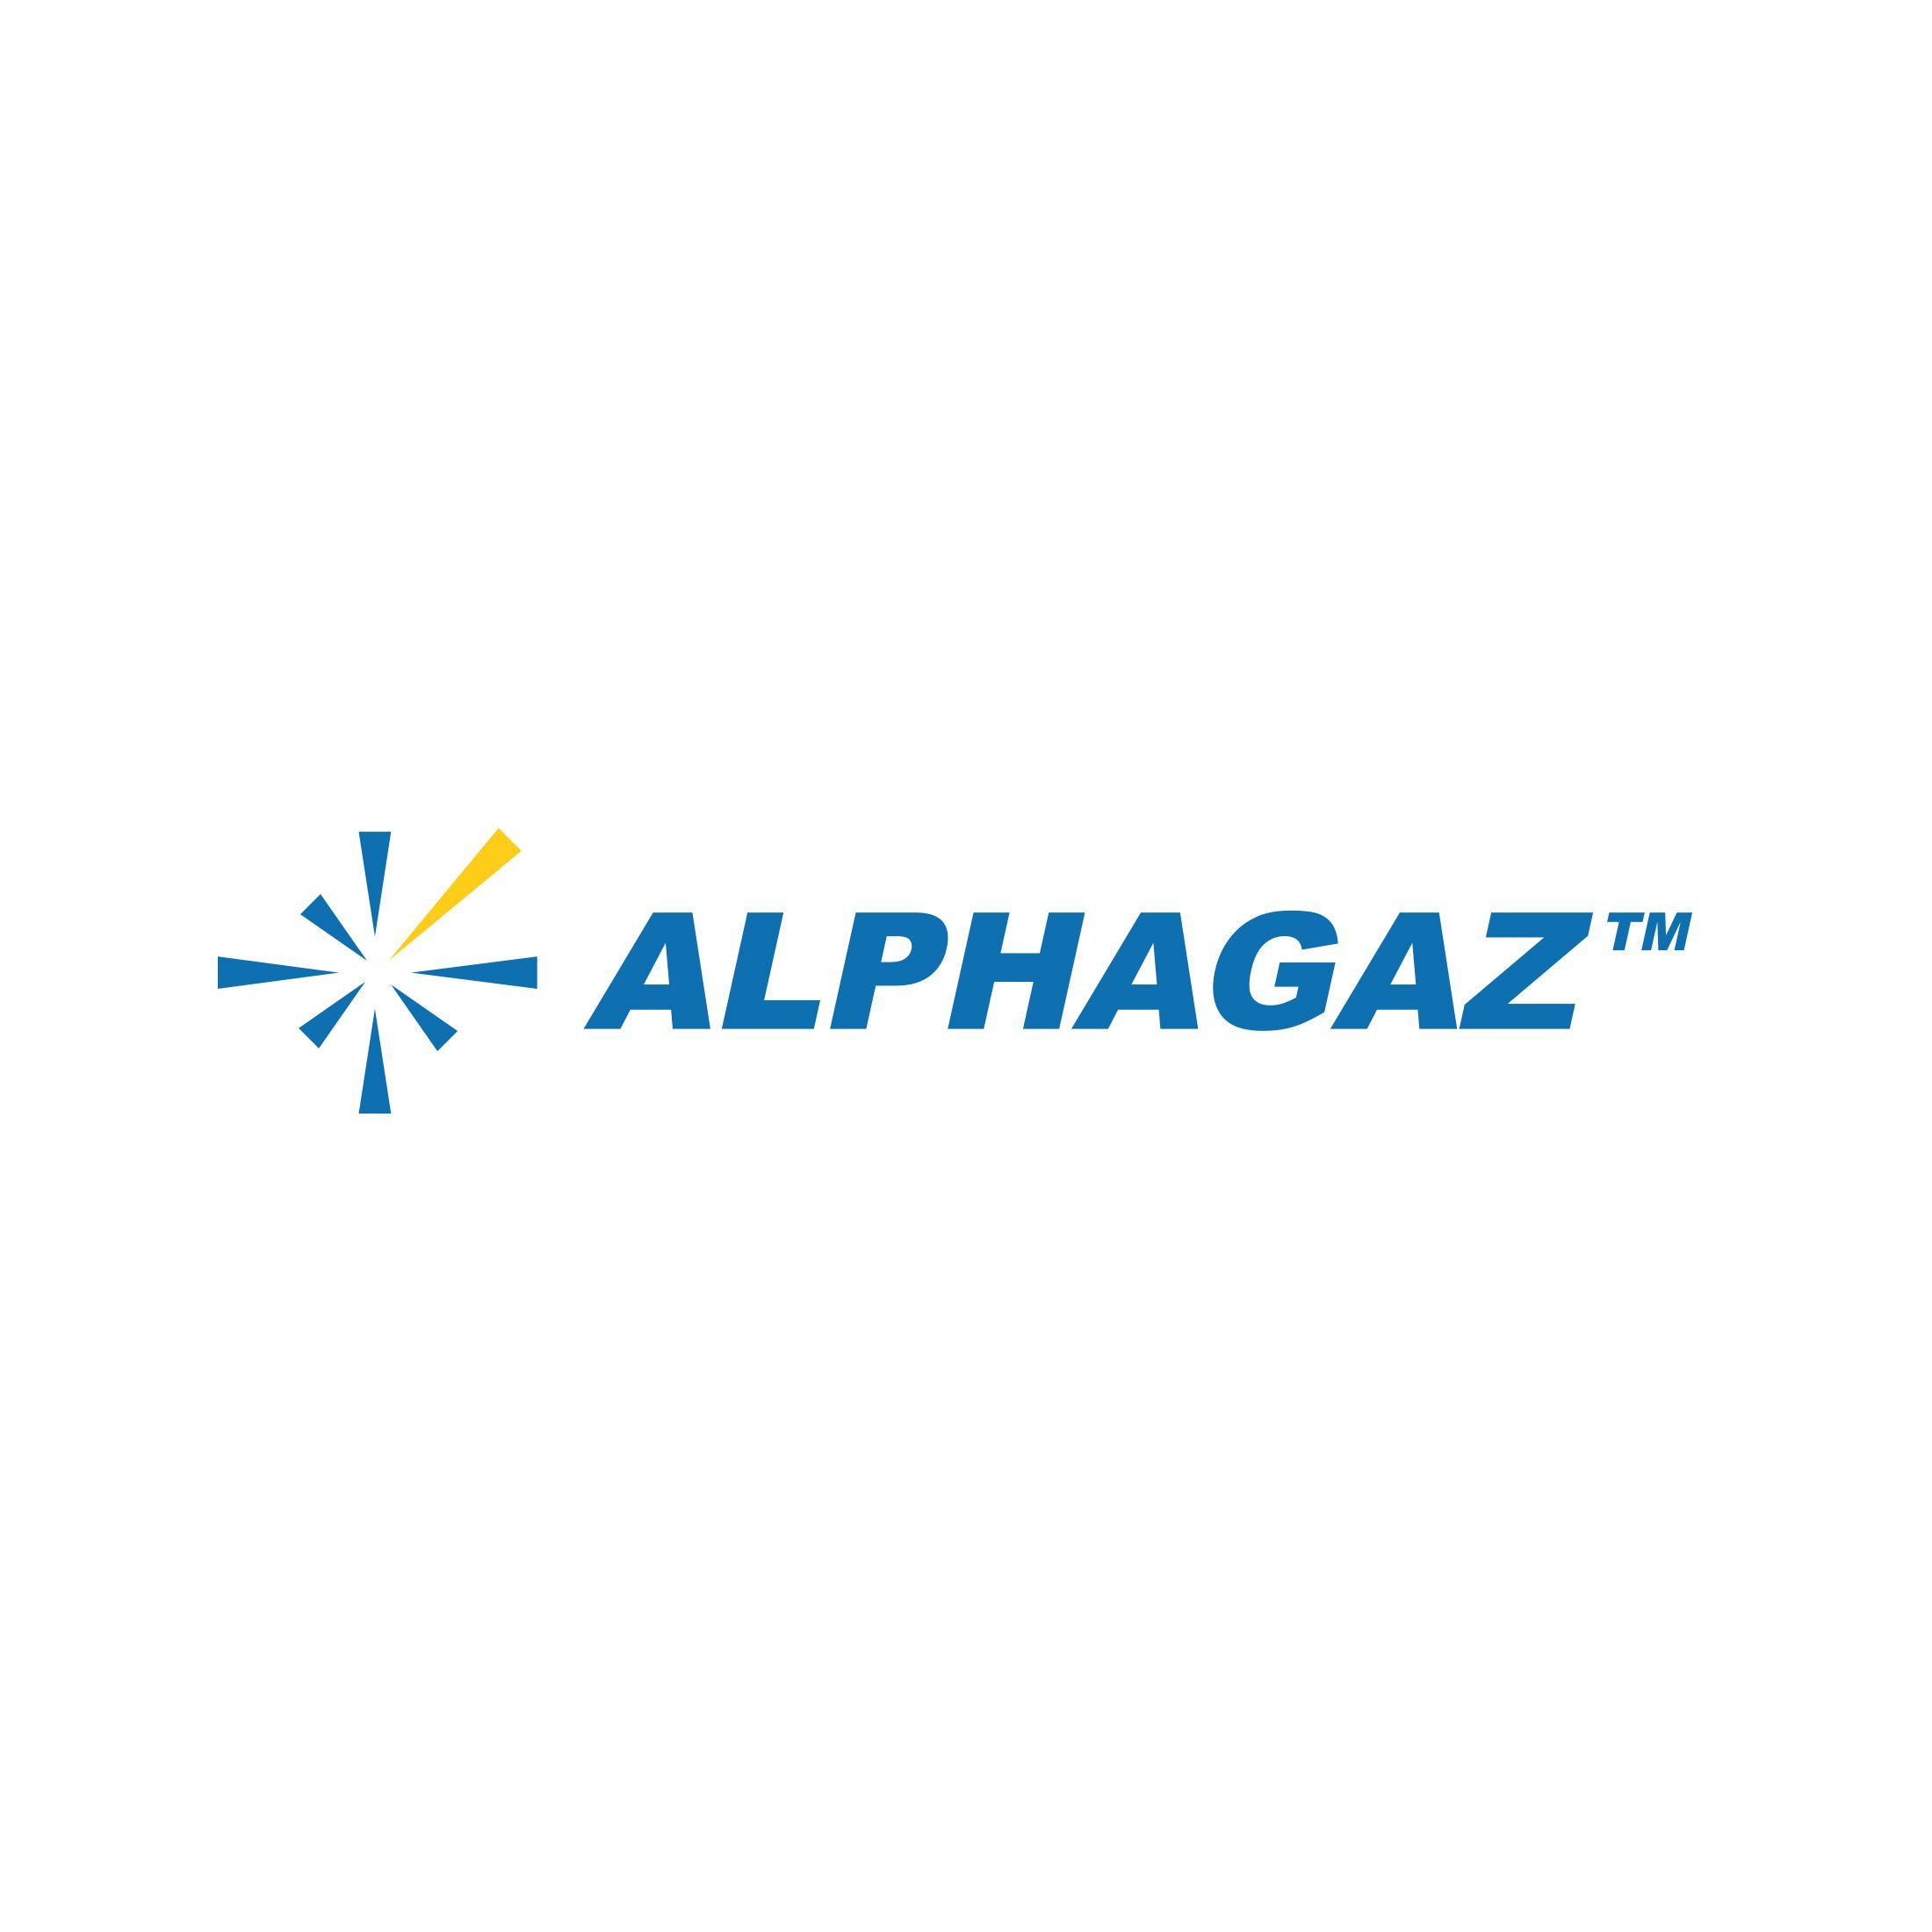 alphagaz-logo